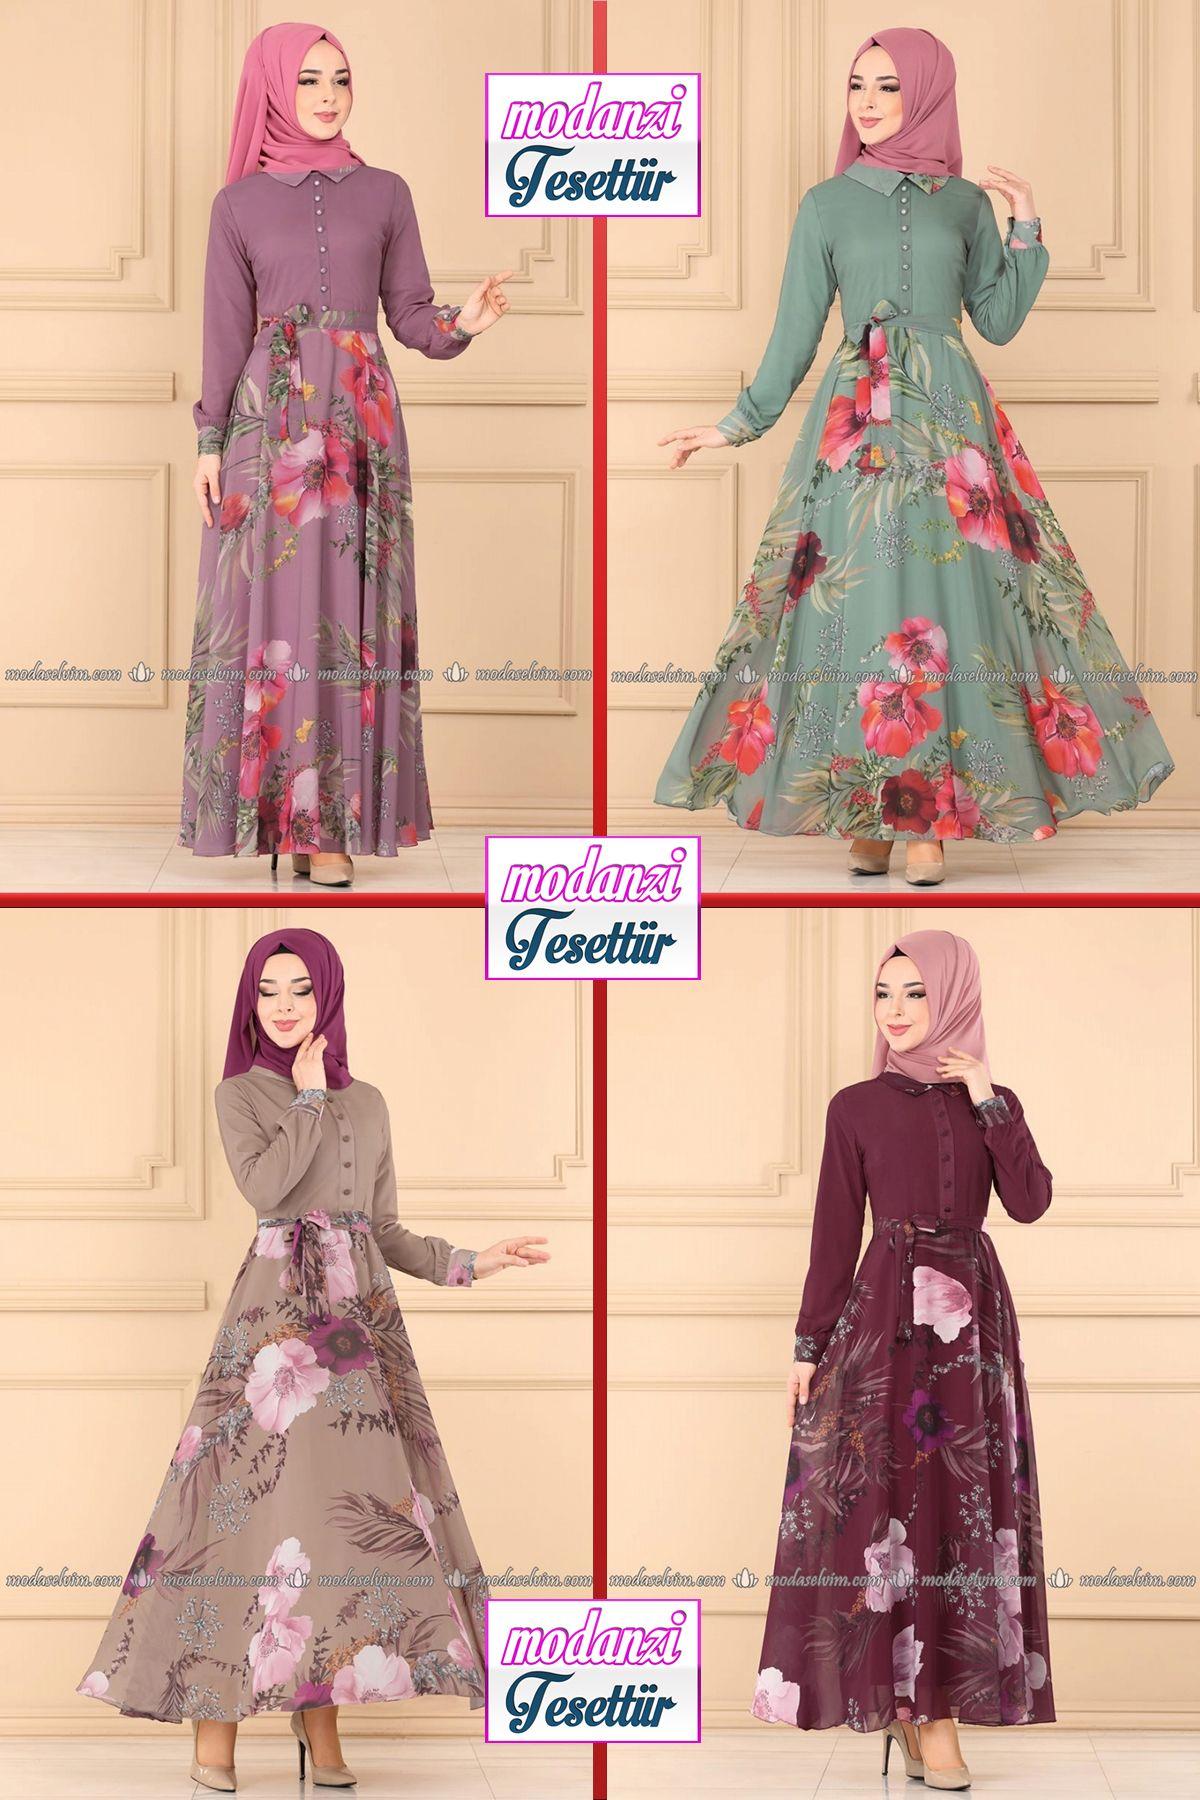 Modaselvim Buyuk Beden Elbise Modelleri 6 2020 Yaz Tesettur Elbise Plus Size Dresses 2020 Plus Size Dresses Resmi Elbise Buyuk Beden Kiyafetler